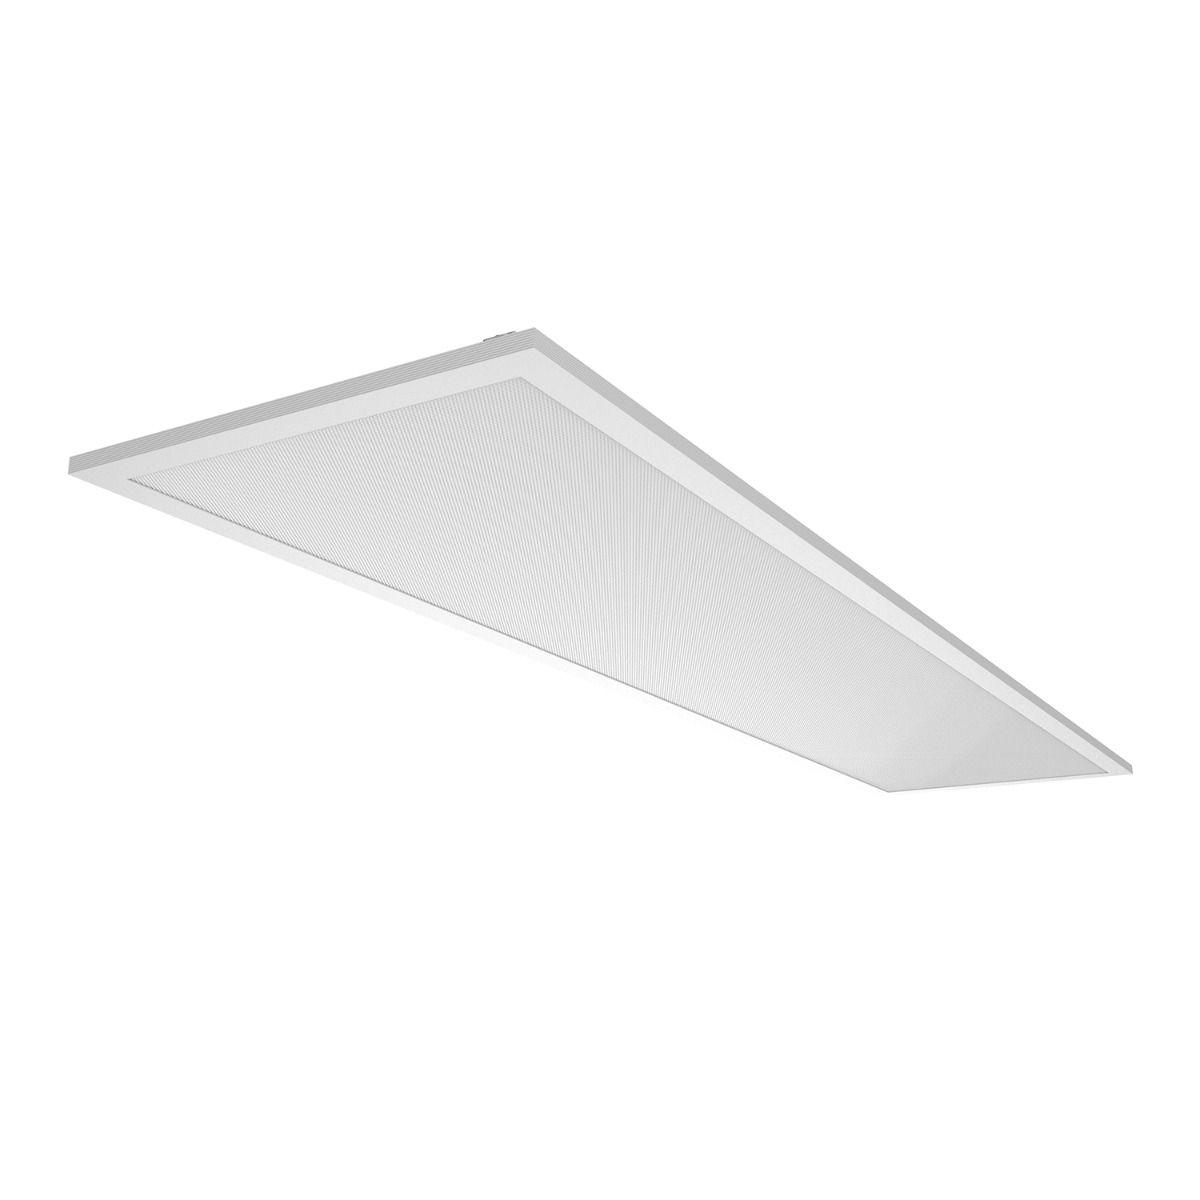 Noxion LED Paneel Delta Pro V3 Highlum 36W 4000K 5500lm 30x120cm UGR <19 | Vervanger voor 2x36\W